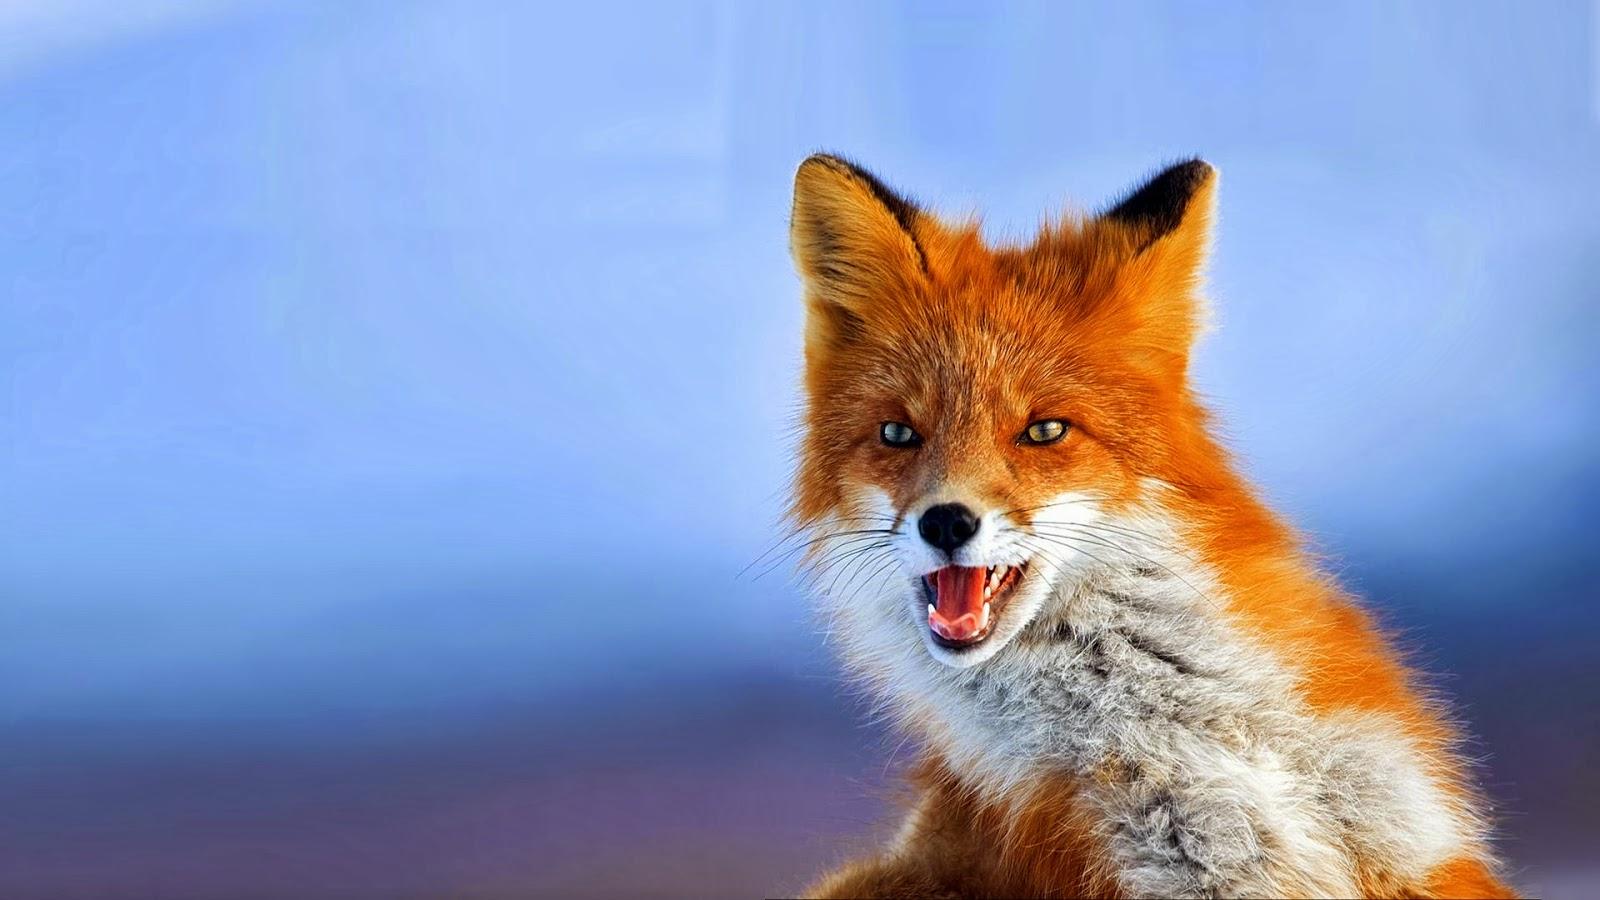 Imágenes De Animales En Hd Para Fondo De Pantalla: Fondo De Pantalla Animales Zorro Marron